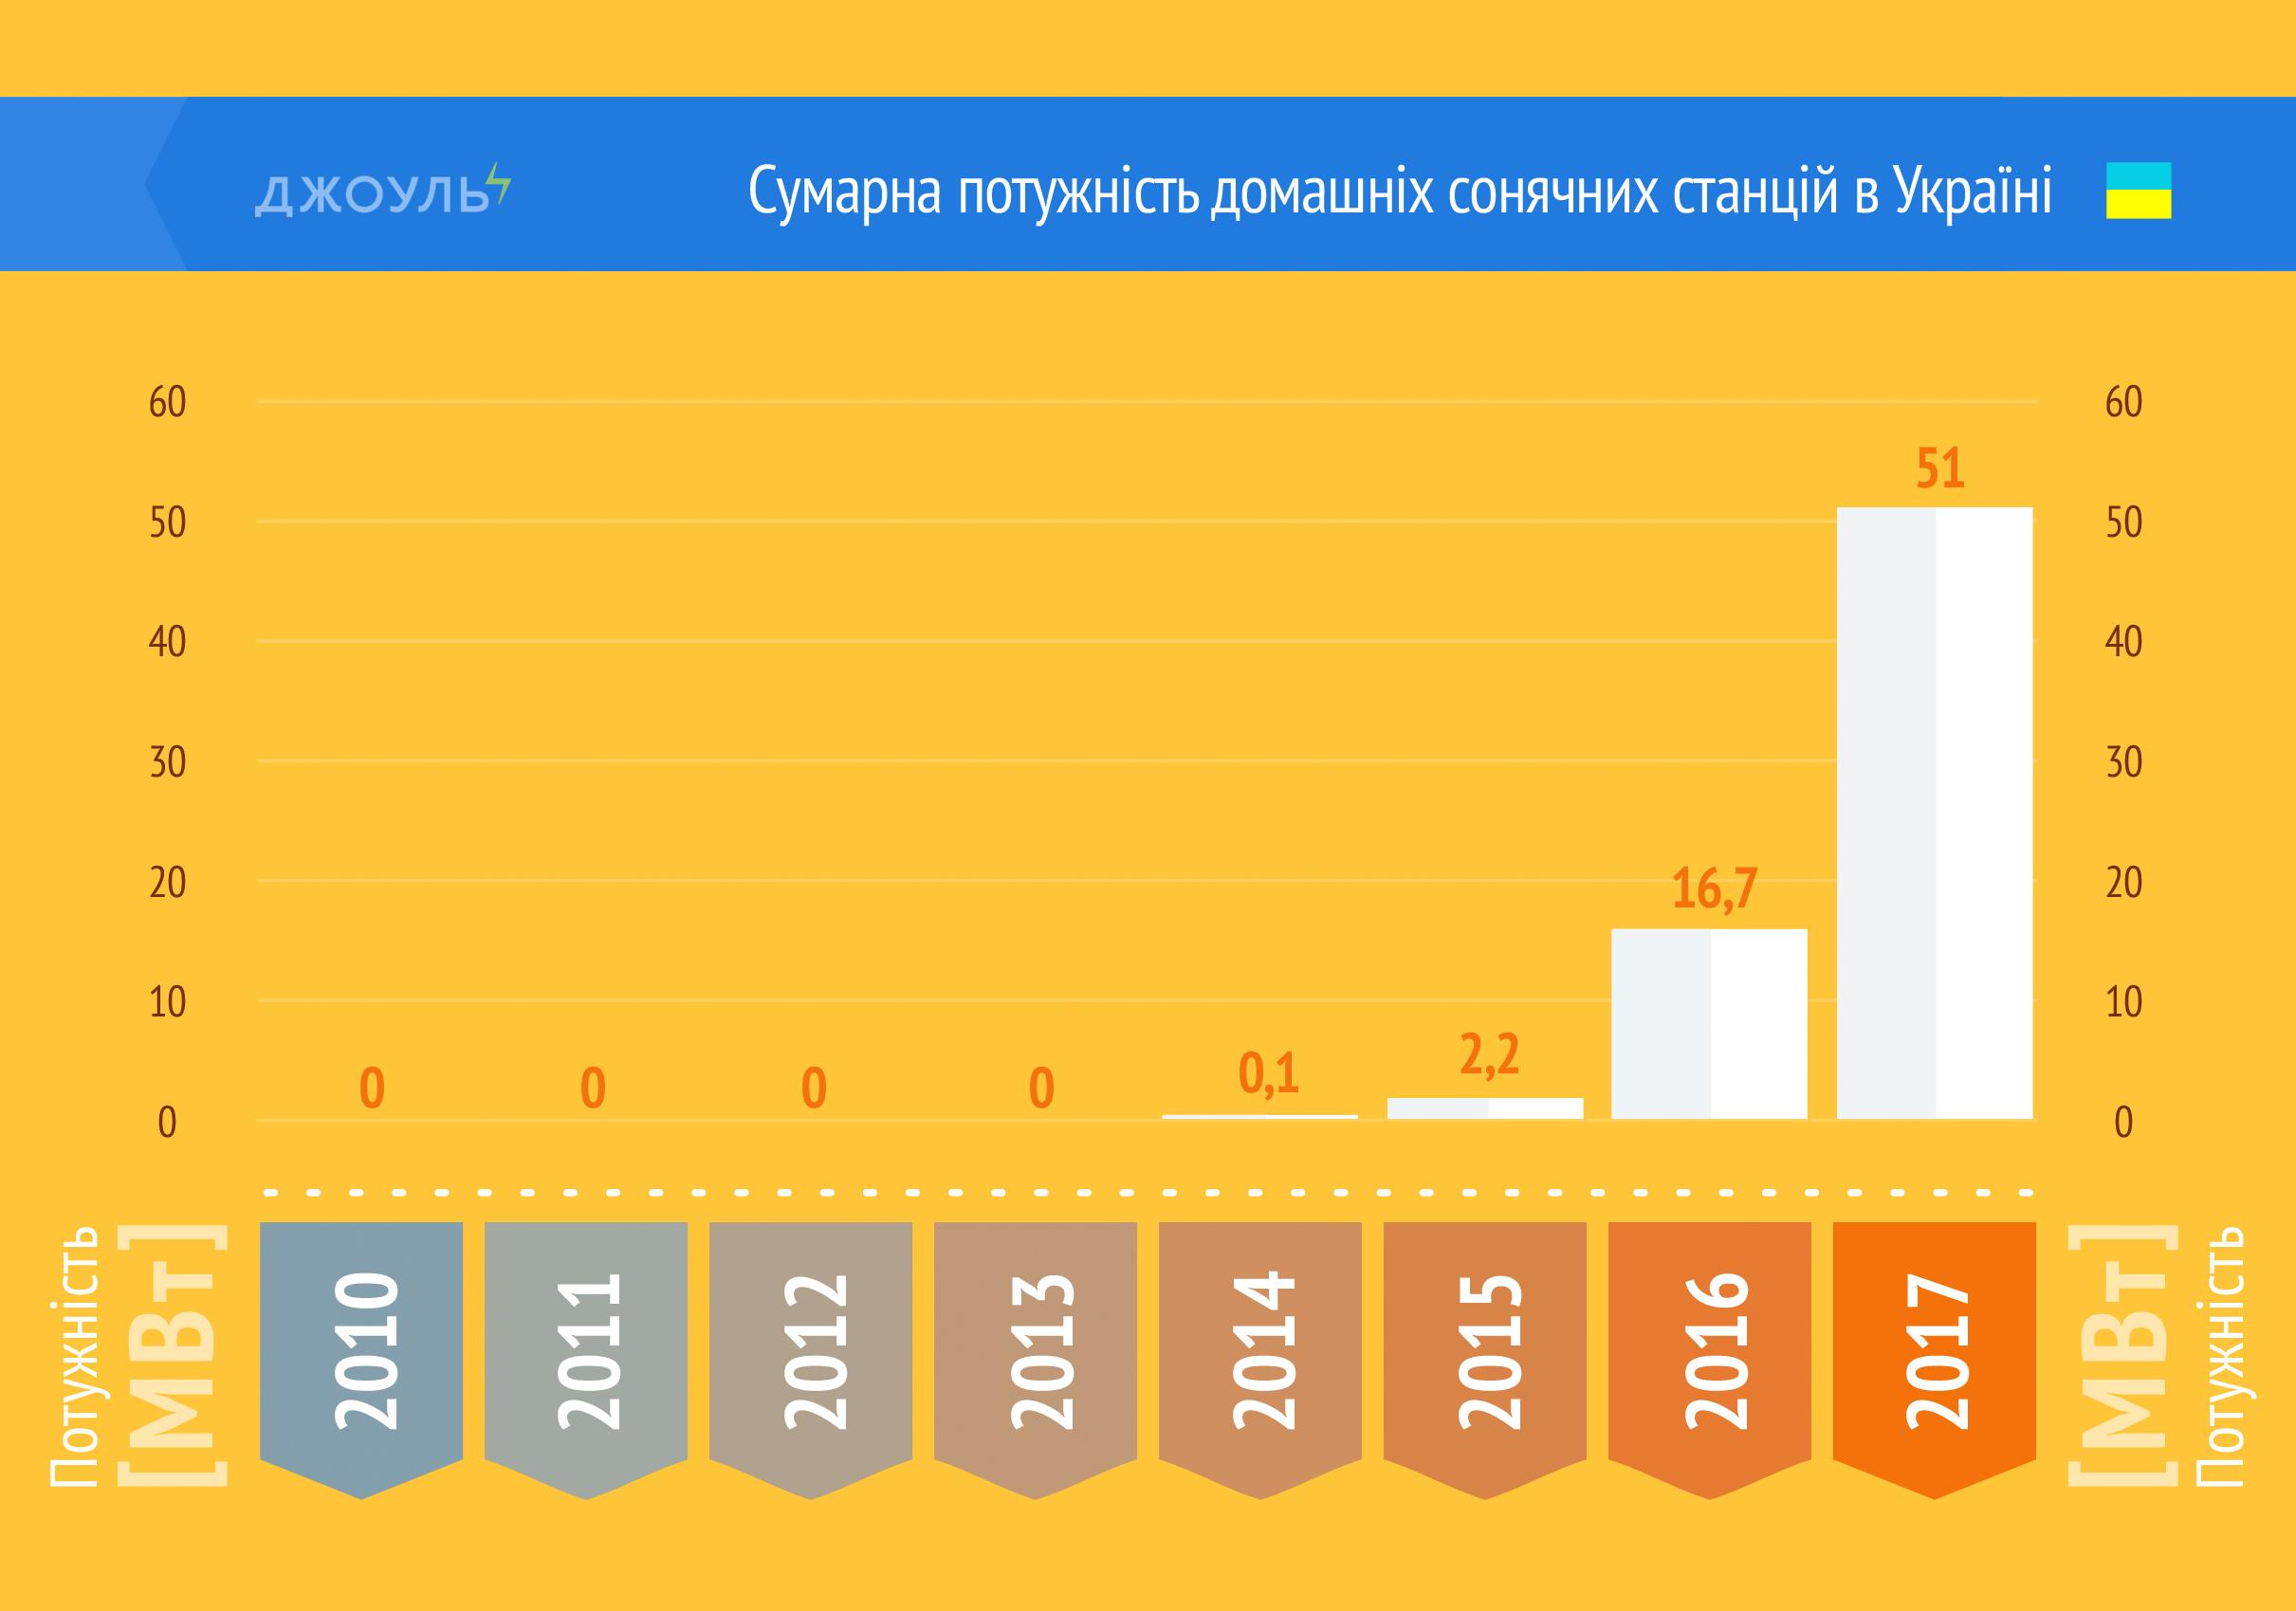 Сумарна потужність домашніх сонячних станцій в Україні